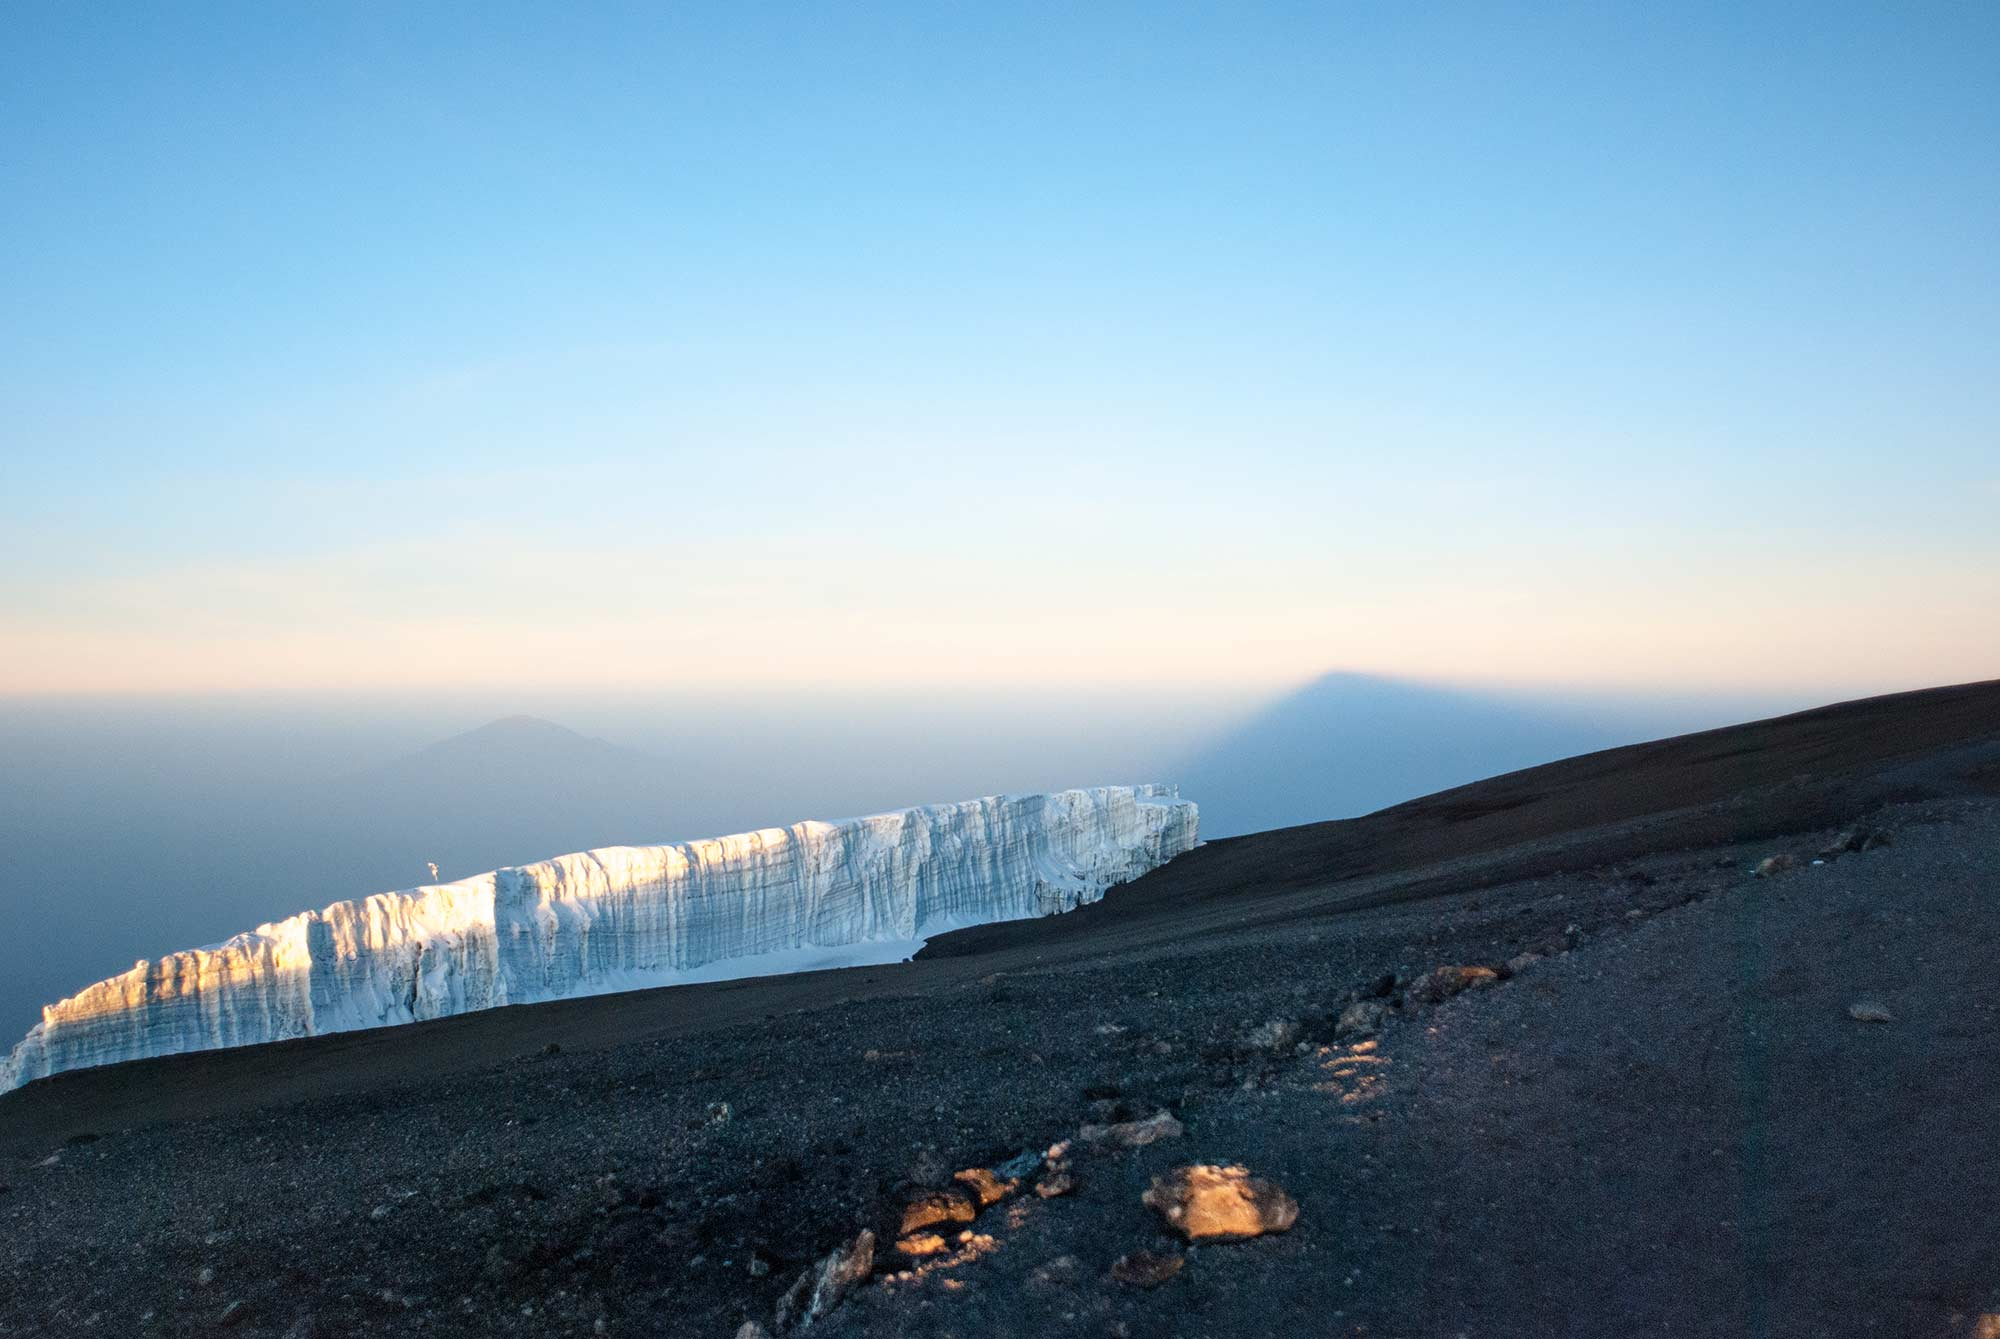 Mount Meru peeks above the glacier. To the right, the shadow of Kibo, Kilimanjaro's tallest peak, stretches to the horizon.